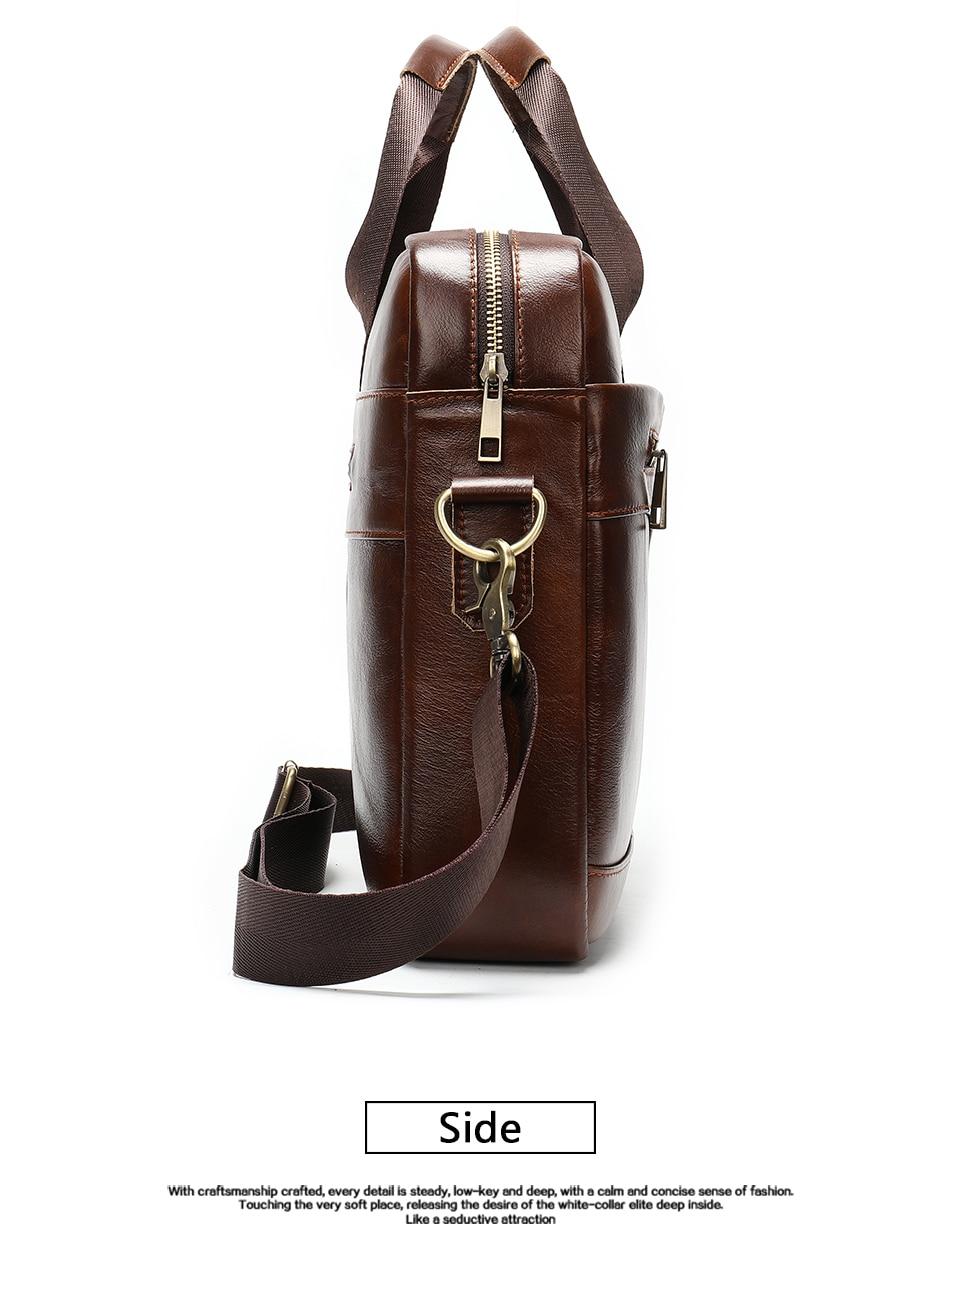 H0e92aca1669d4b5a828335dc99e718ce9 MVA men's briefcase/genuine Leather messenger bag men leather/business laptop office bags for men briefcases men's bags 8572